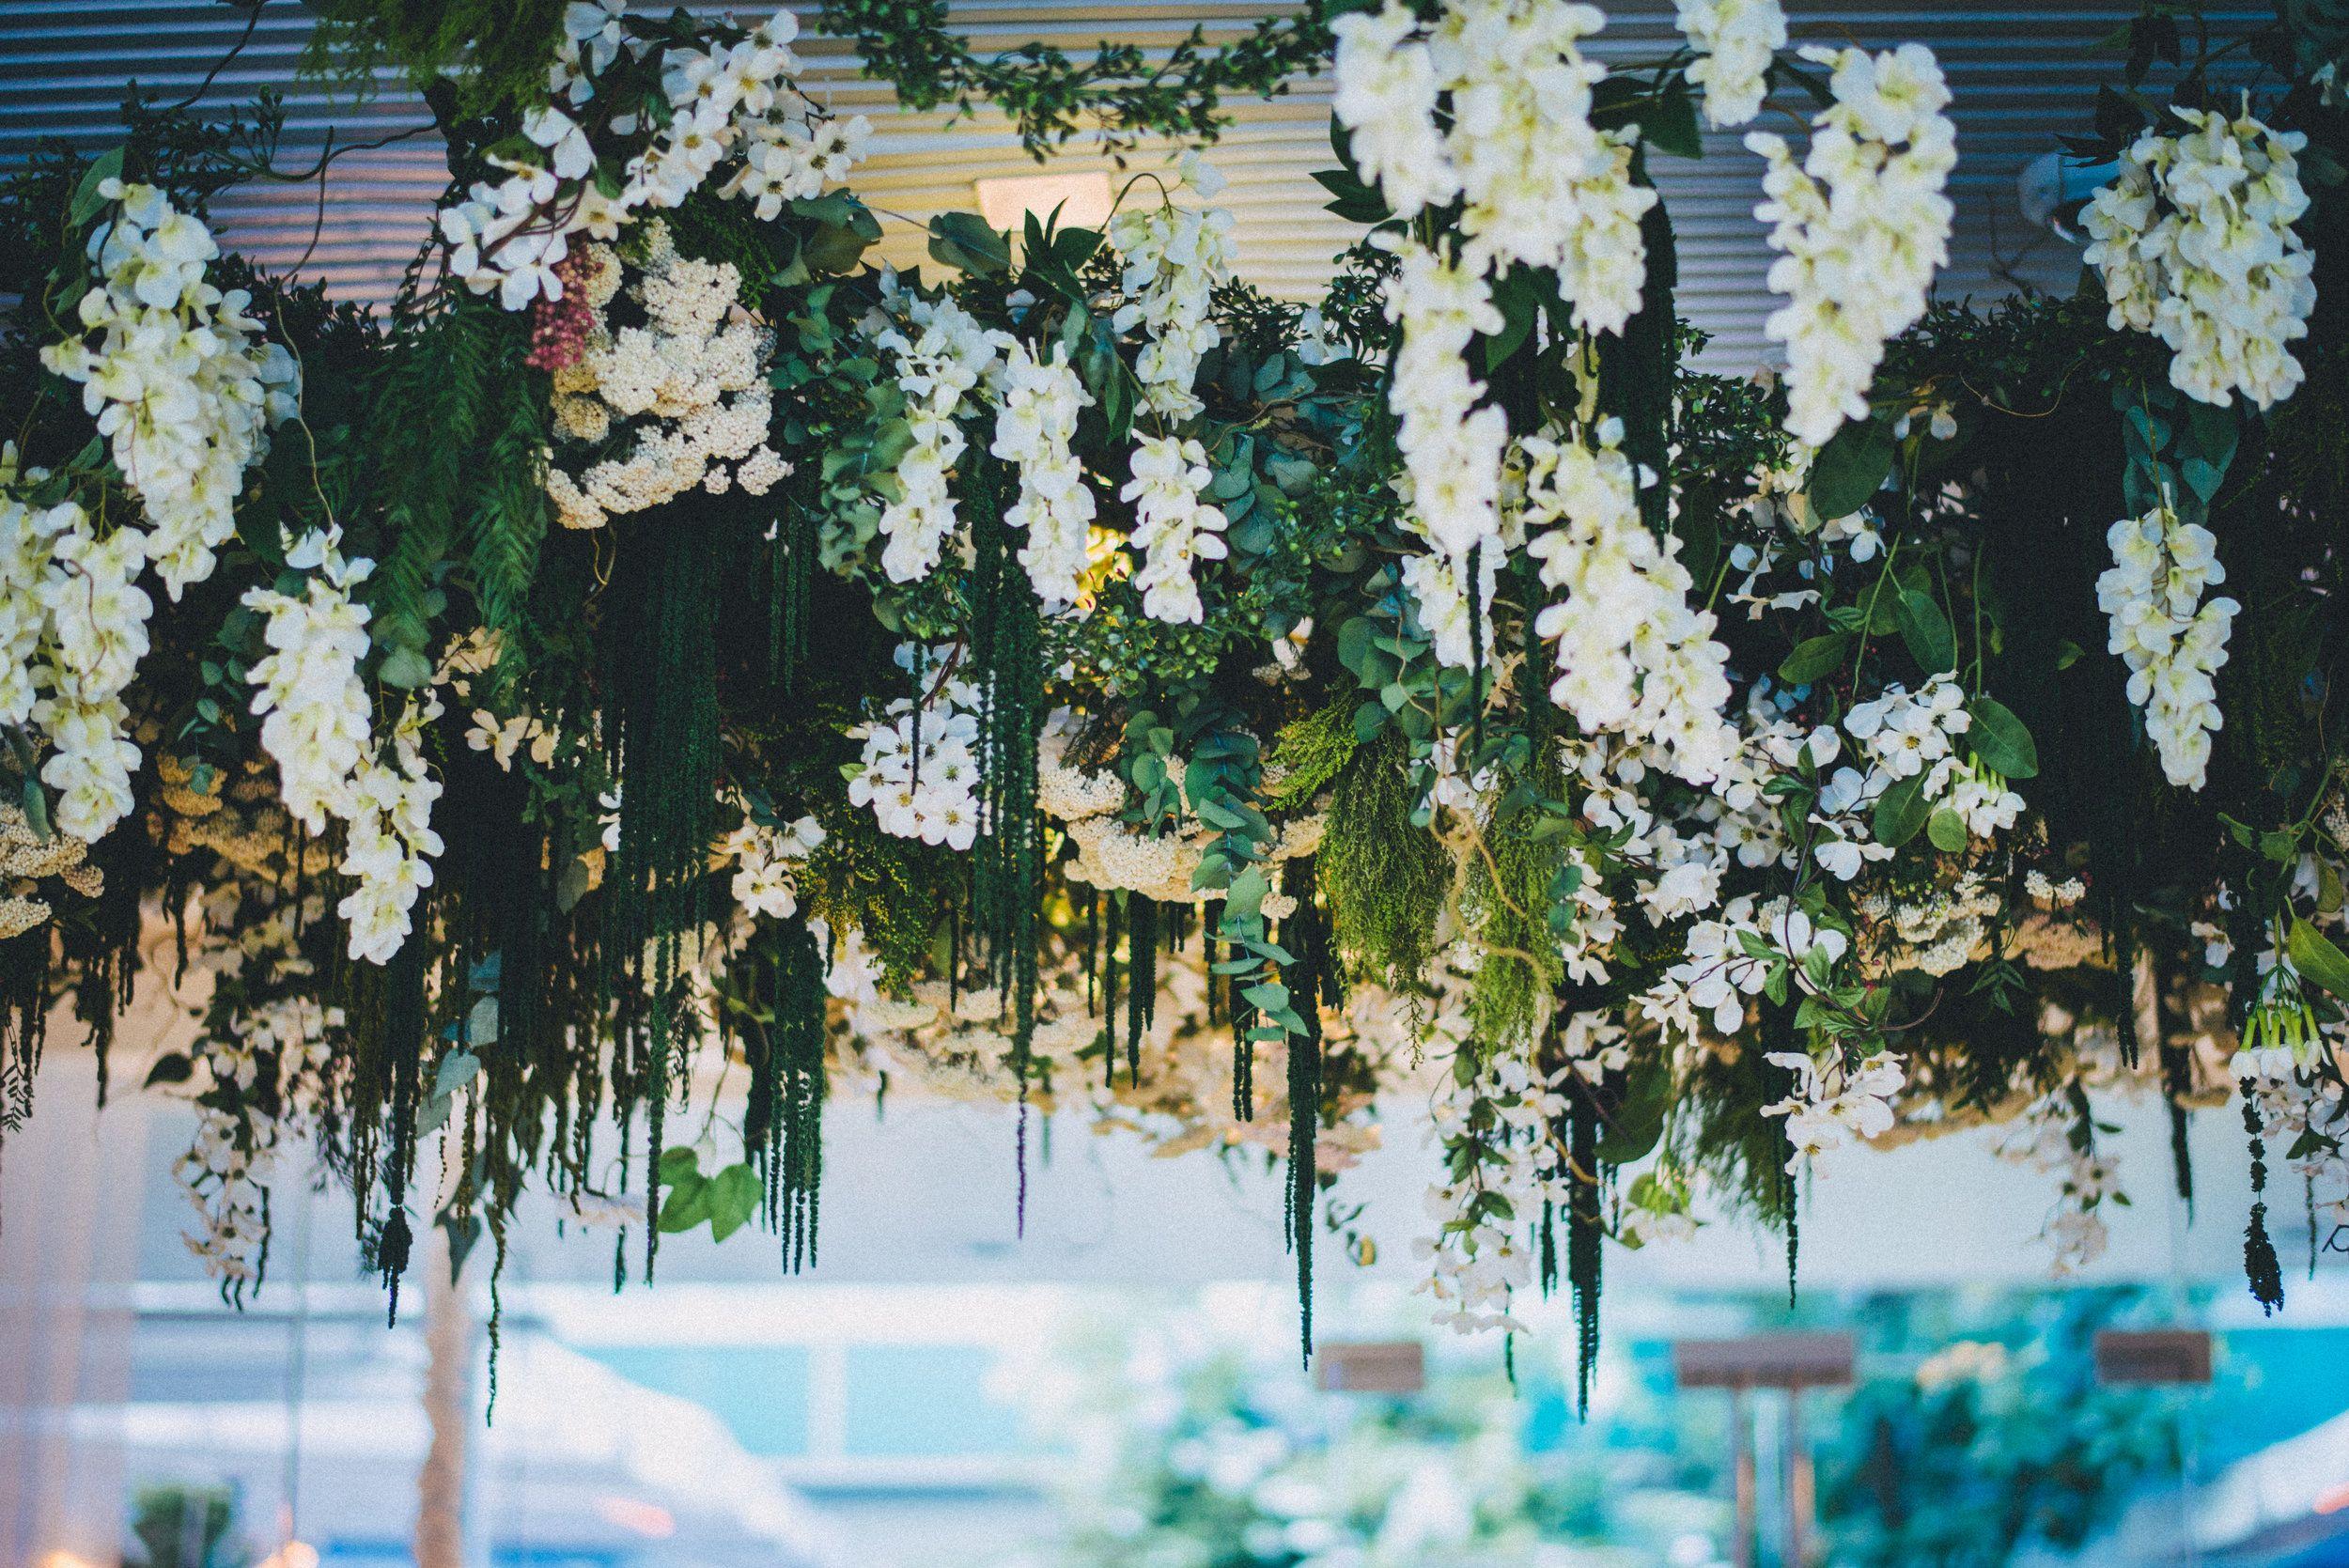 Sanderson 45 Jpg Perrier Jouet Flowers Perrier